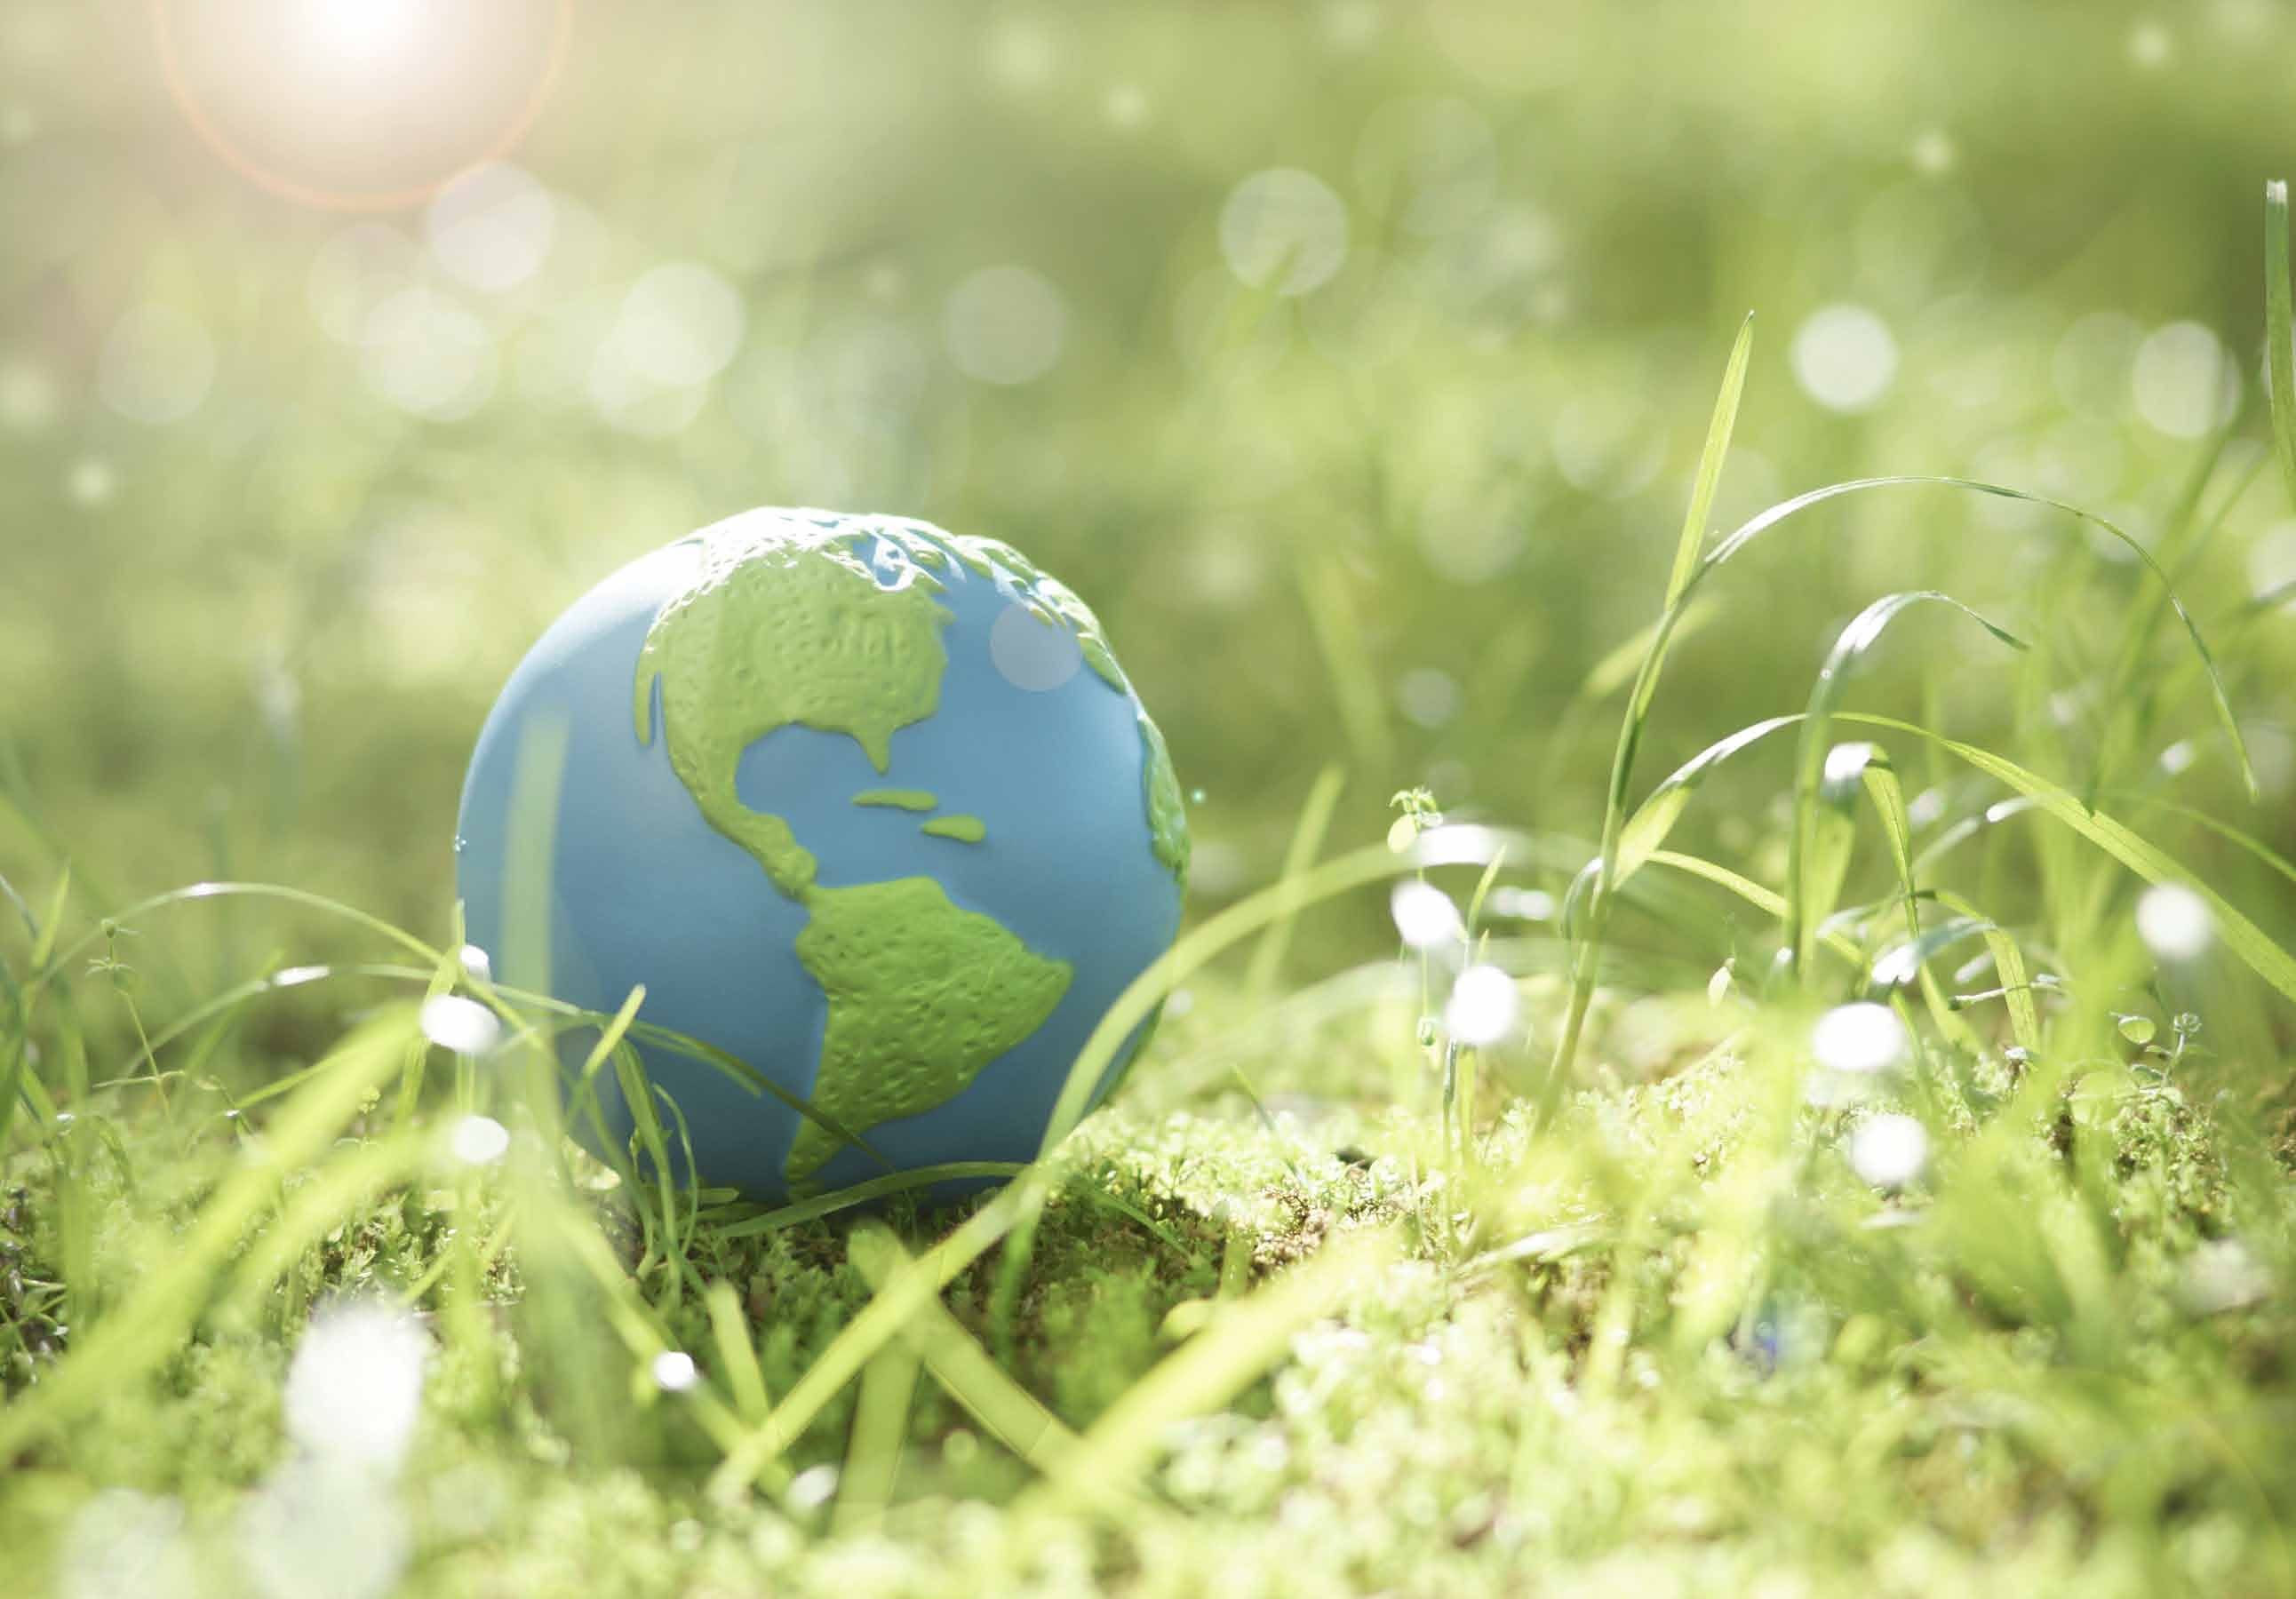 Vista de Evolução histórica e política das principais conferências mundiais  da onu sobre o clima e meio ambiente | Revista Iberoamericana de Bioética